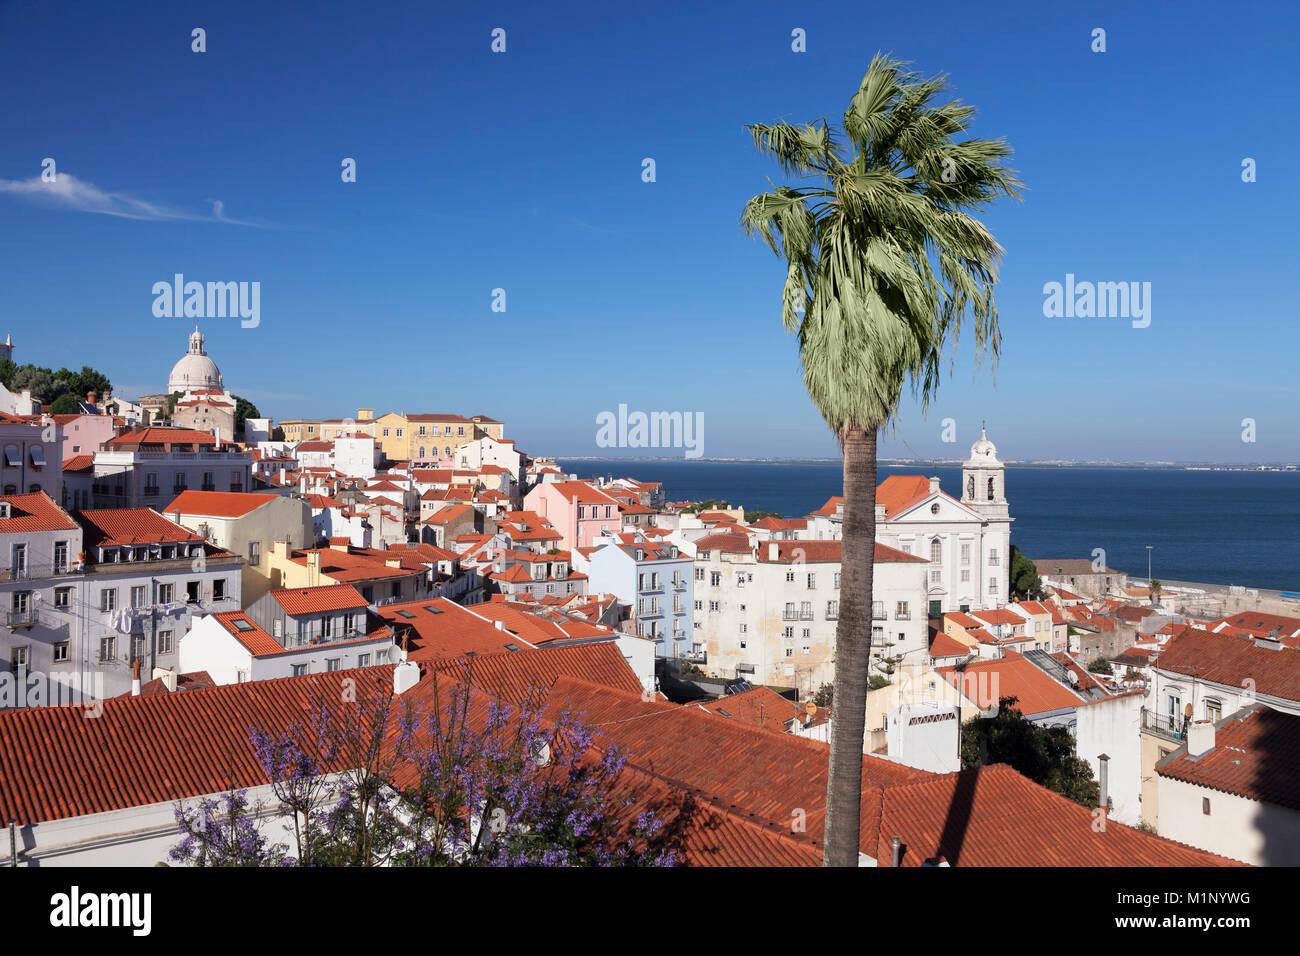 Vista desde el mirador de Santa Luzia en Alfama al río Tajo, Lisboa, Portugal, Europa Imagen De Stock